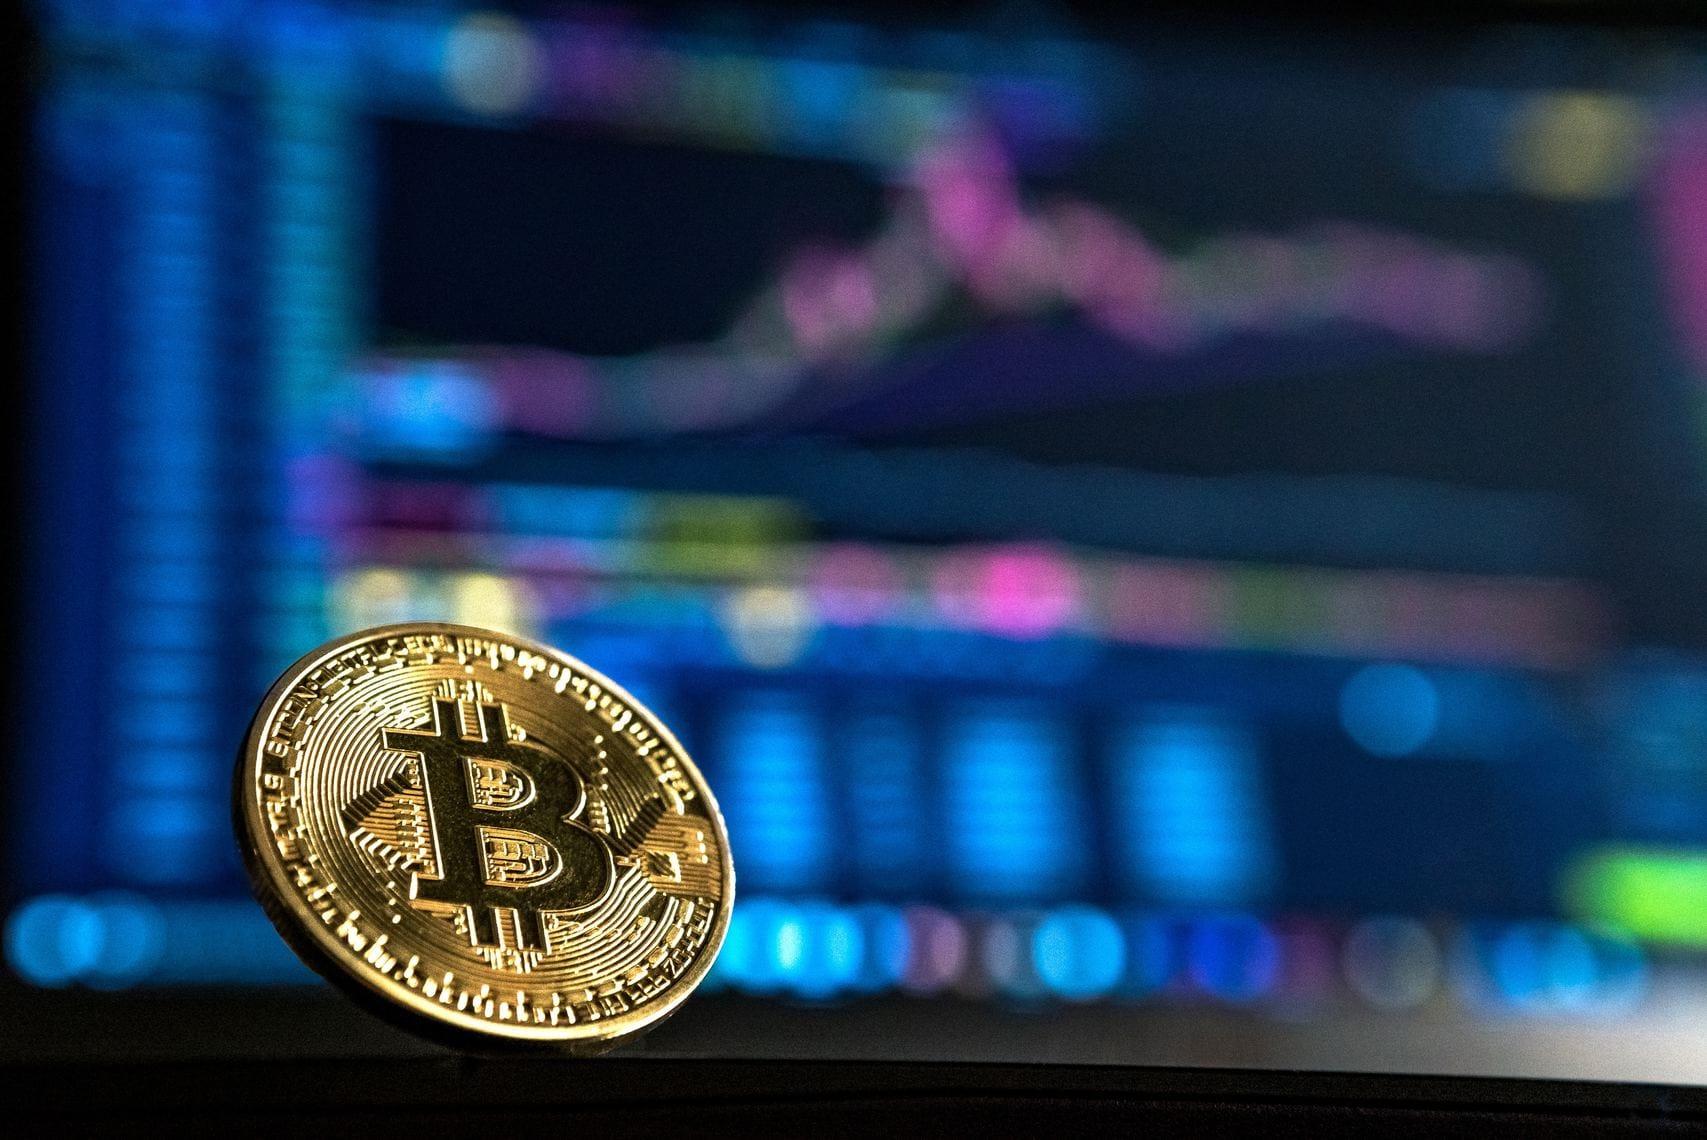 broker vergleich bitcoin geld leicht verdienen